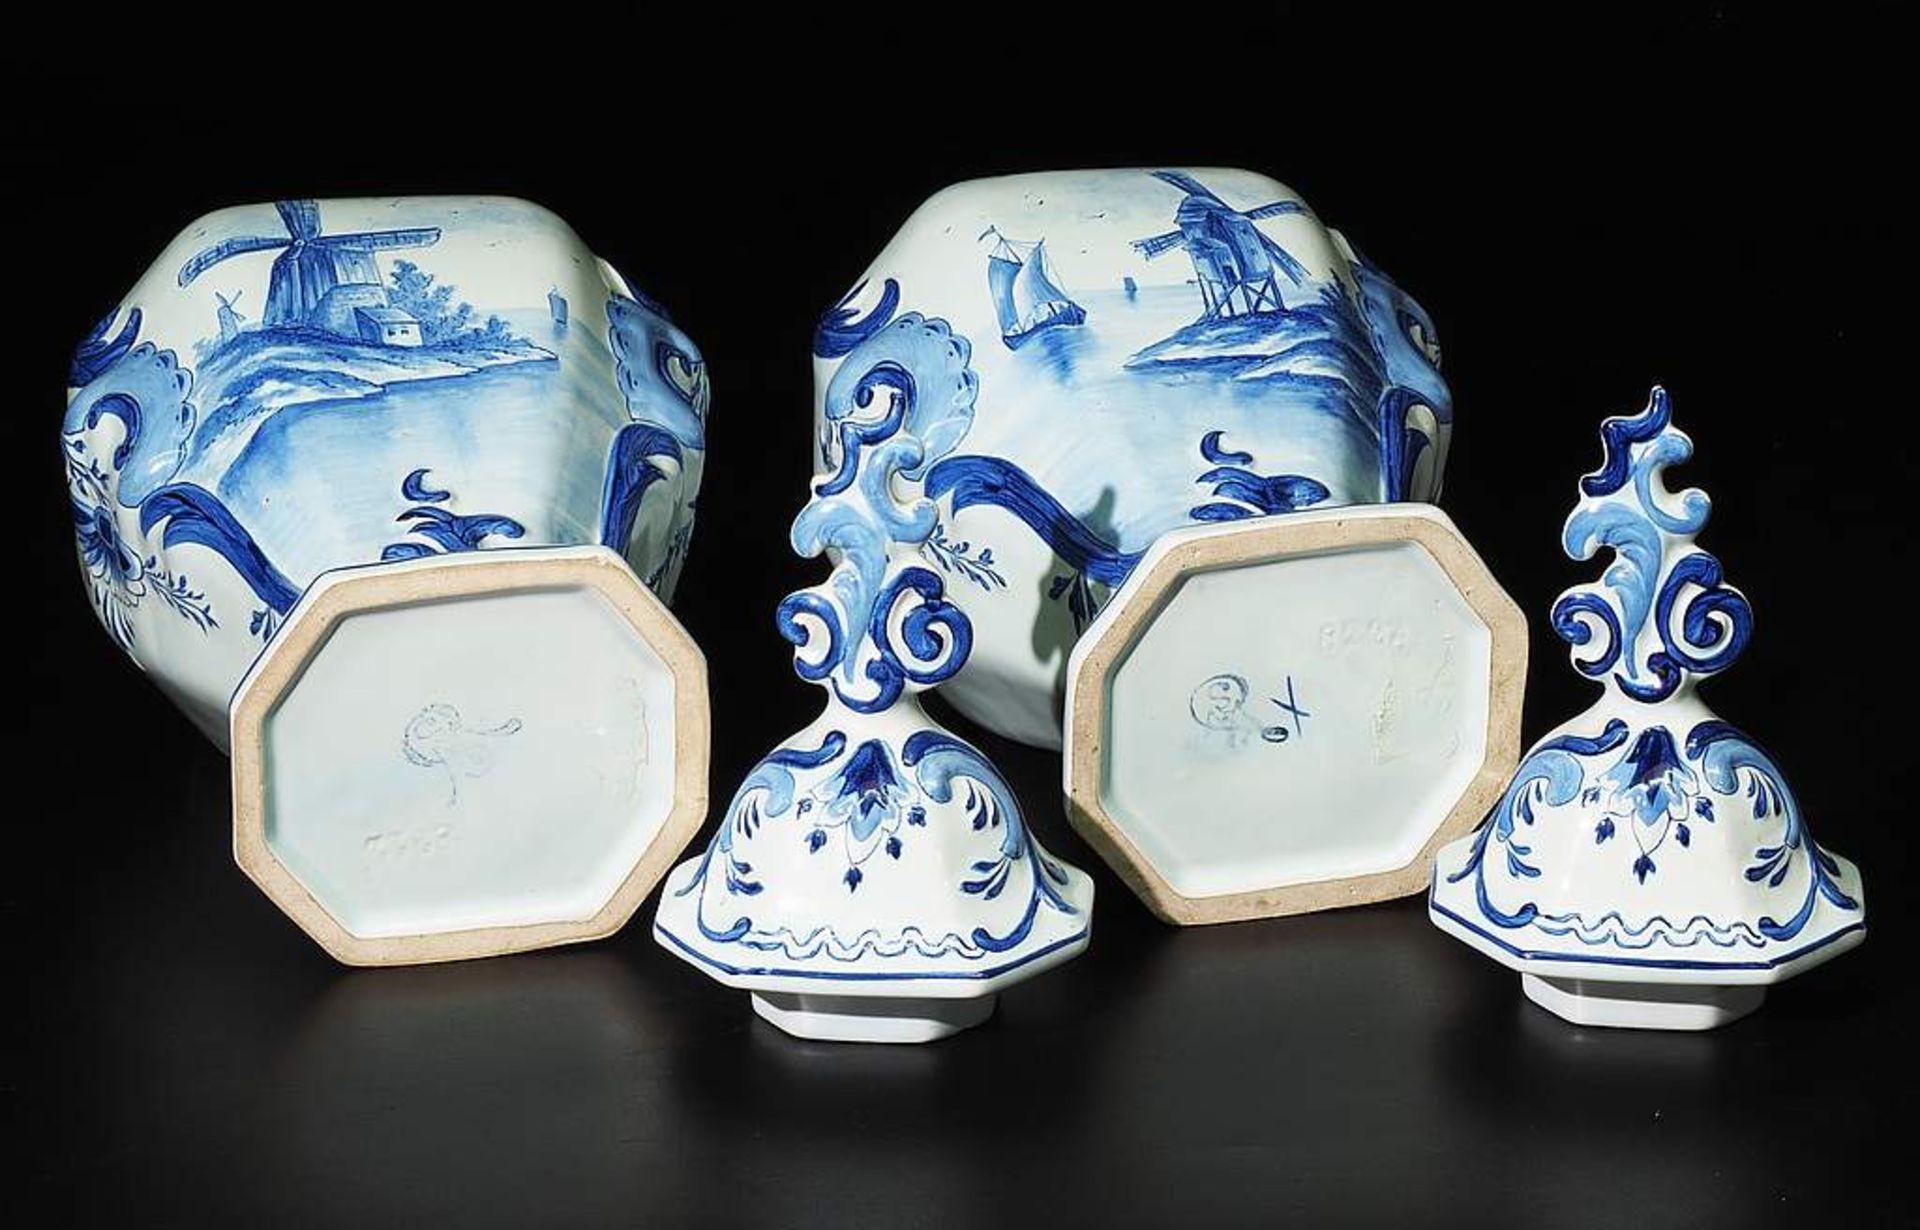 Paar Deckelvasen, Fayence, Blaumalerei. - Image 6 of 7